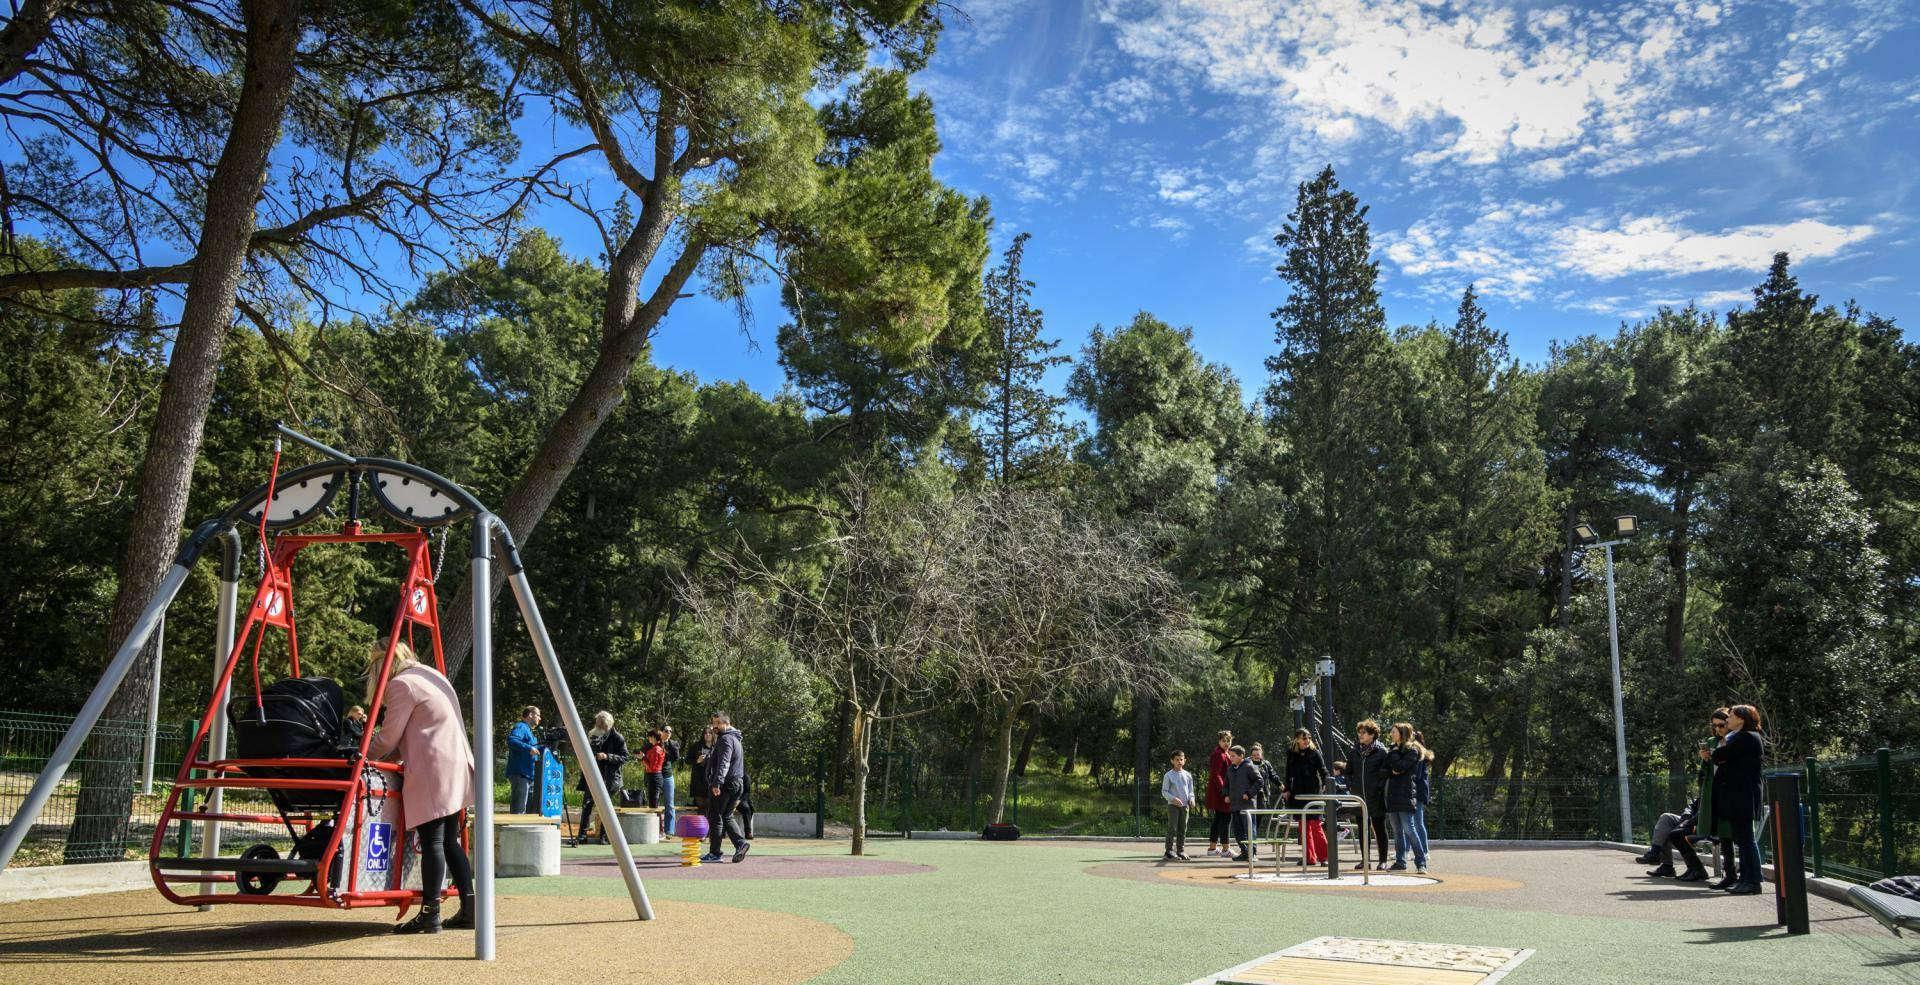 Grad Šibenik je u park šumi Šubićevac završio radove na izgradnji novog dječjeg igrališta prilagođenog za djecu s posebnim potrebama